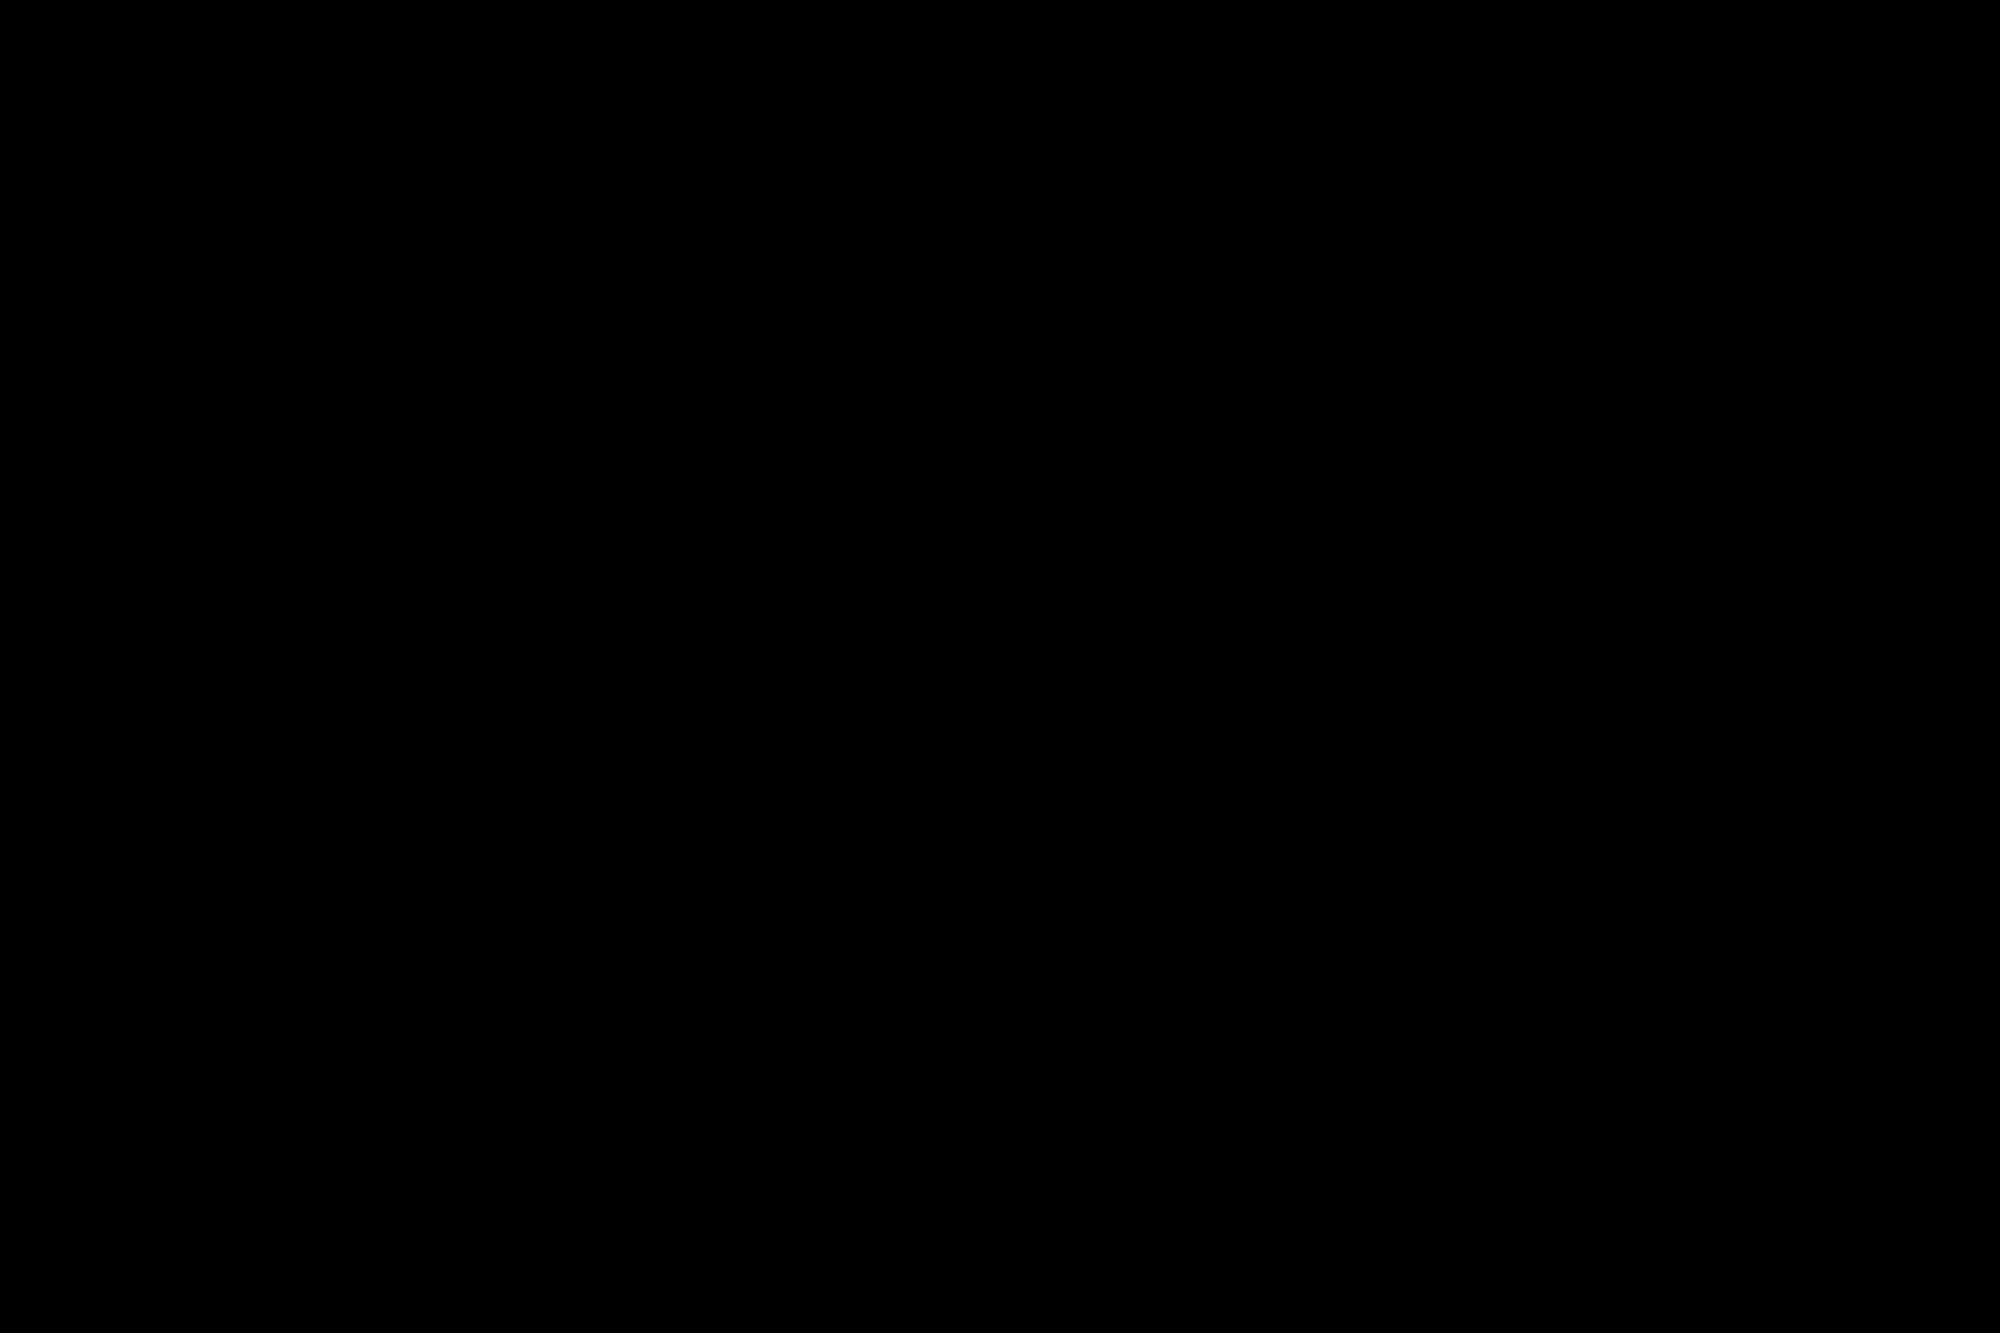 Μαύρο σουέντ πέδιλο